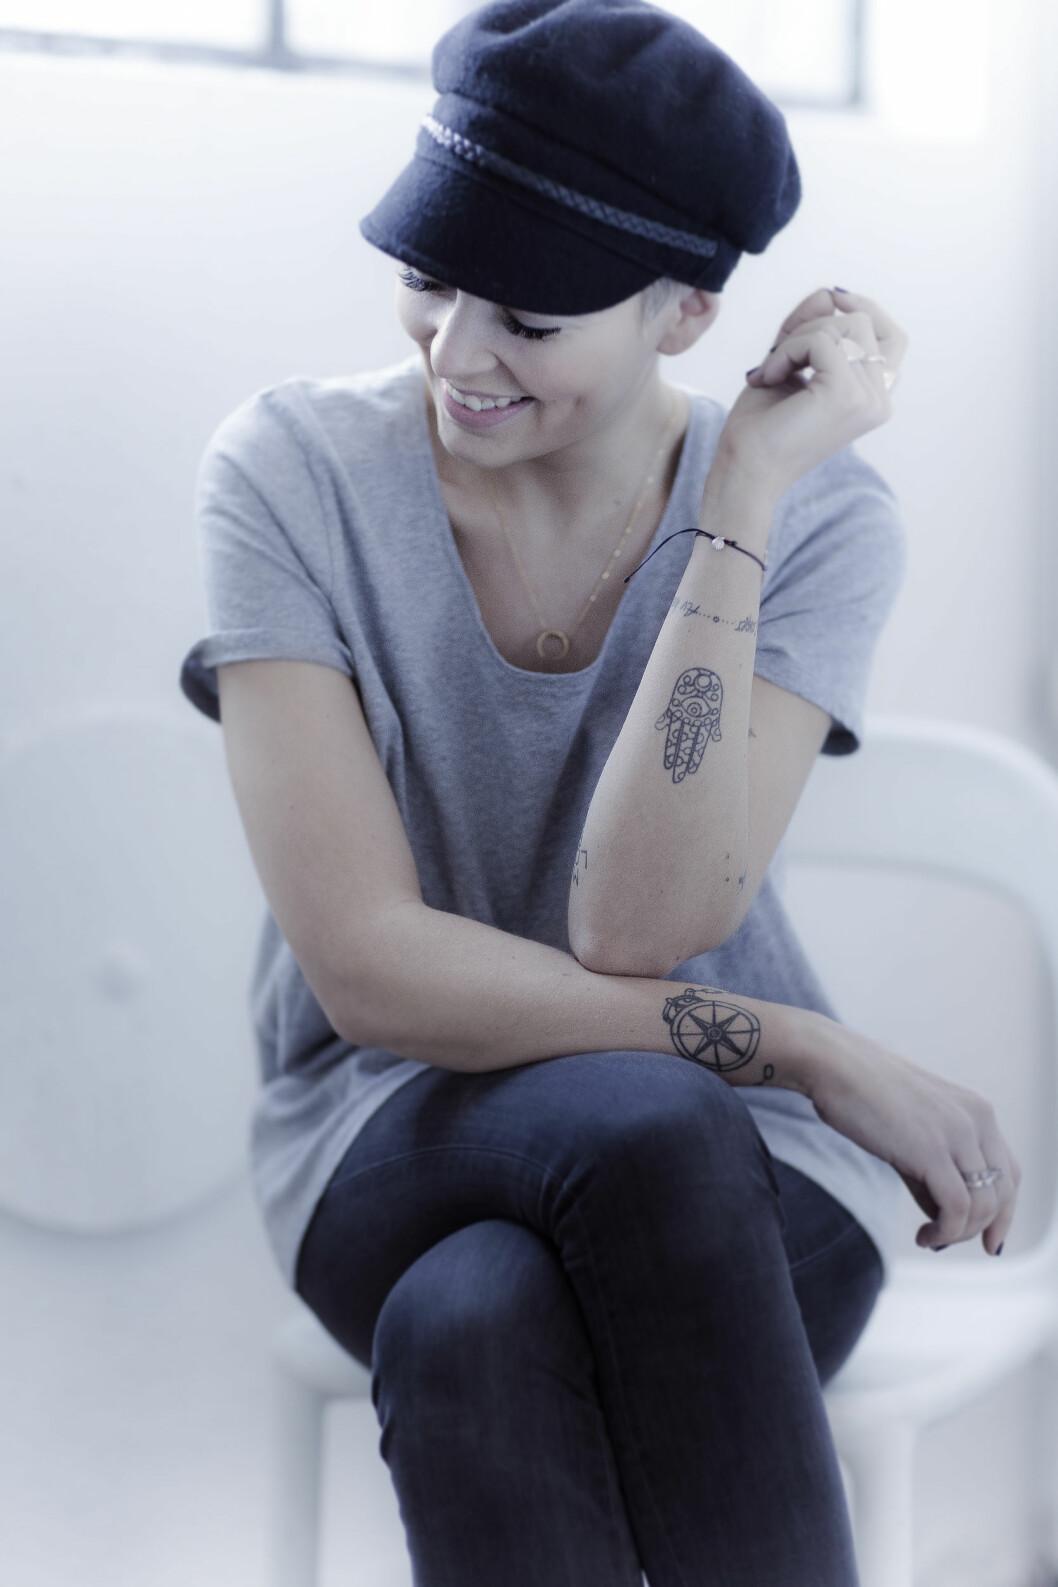 IKKE FØLG MOTEN: Marie Helene Murstad er en trendsetter, men når det kommer til tatoveringer er hun opptatt av å velge tidløse motiver og ikke følge motene. – Tatoveringen er noe som skal følge deg resten av livet, så jeg tenker at det viktigste er å velge et motiv som er tidløst for deg. 17 år gammel tatoverte jeg et navn litt sent på natta i Thailand, det ville jeg ikke anbefale noen …   Foto: Astrid Waller & Privat